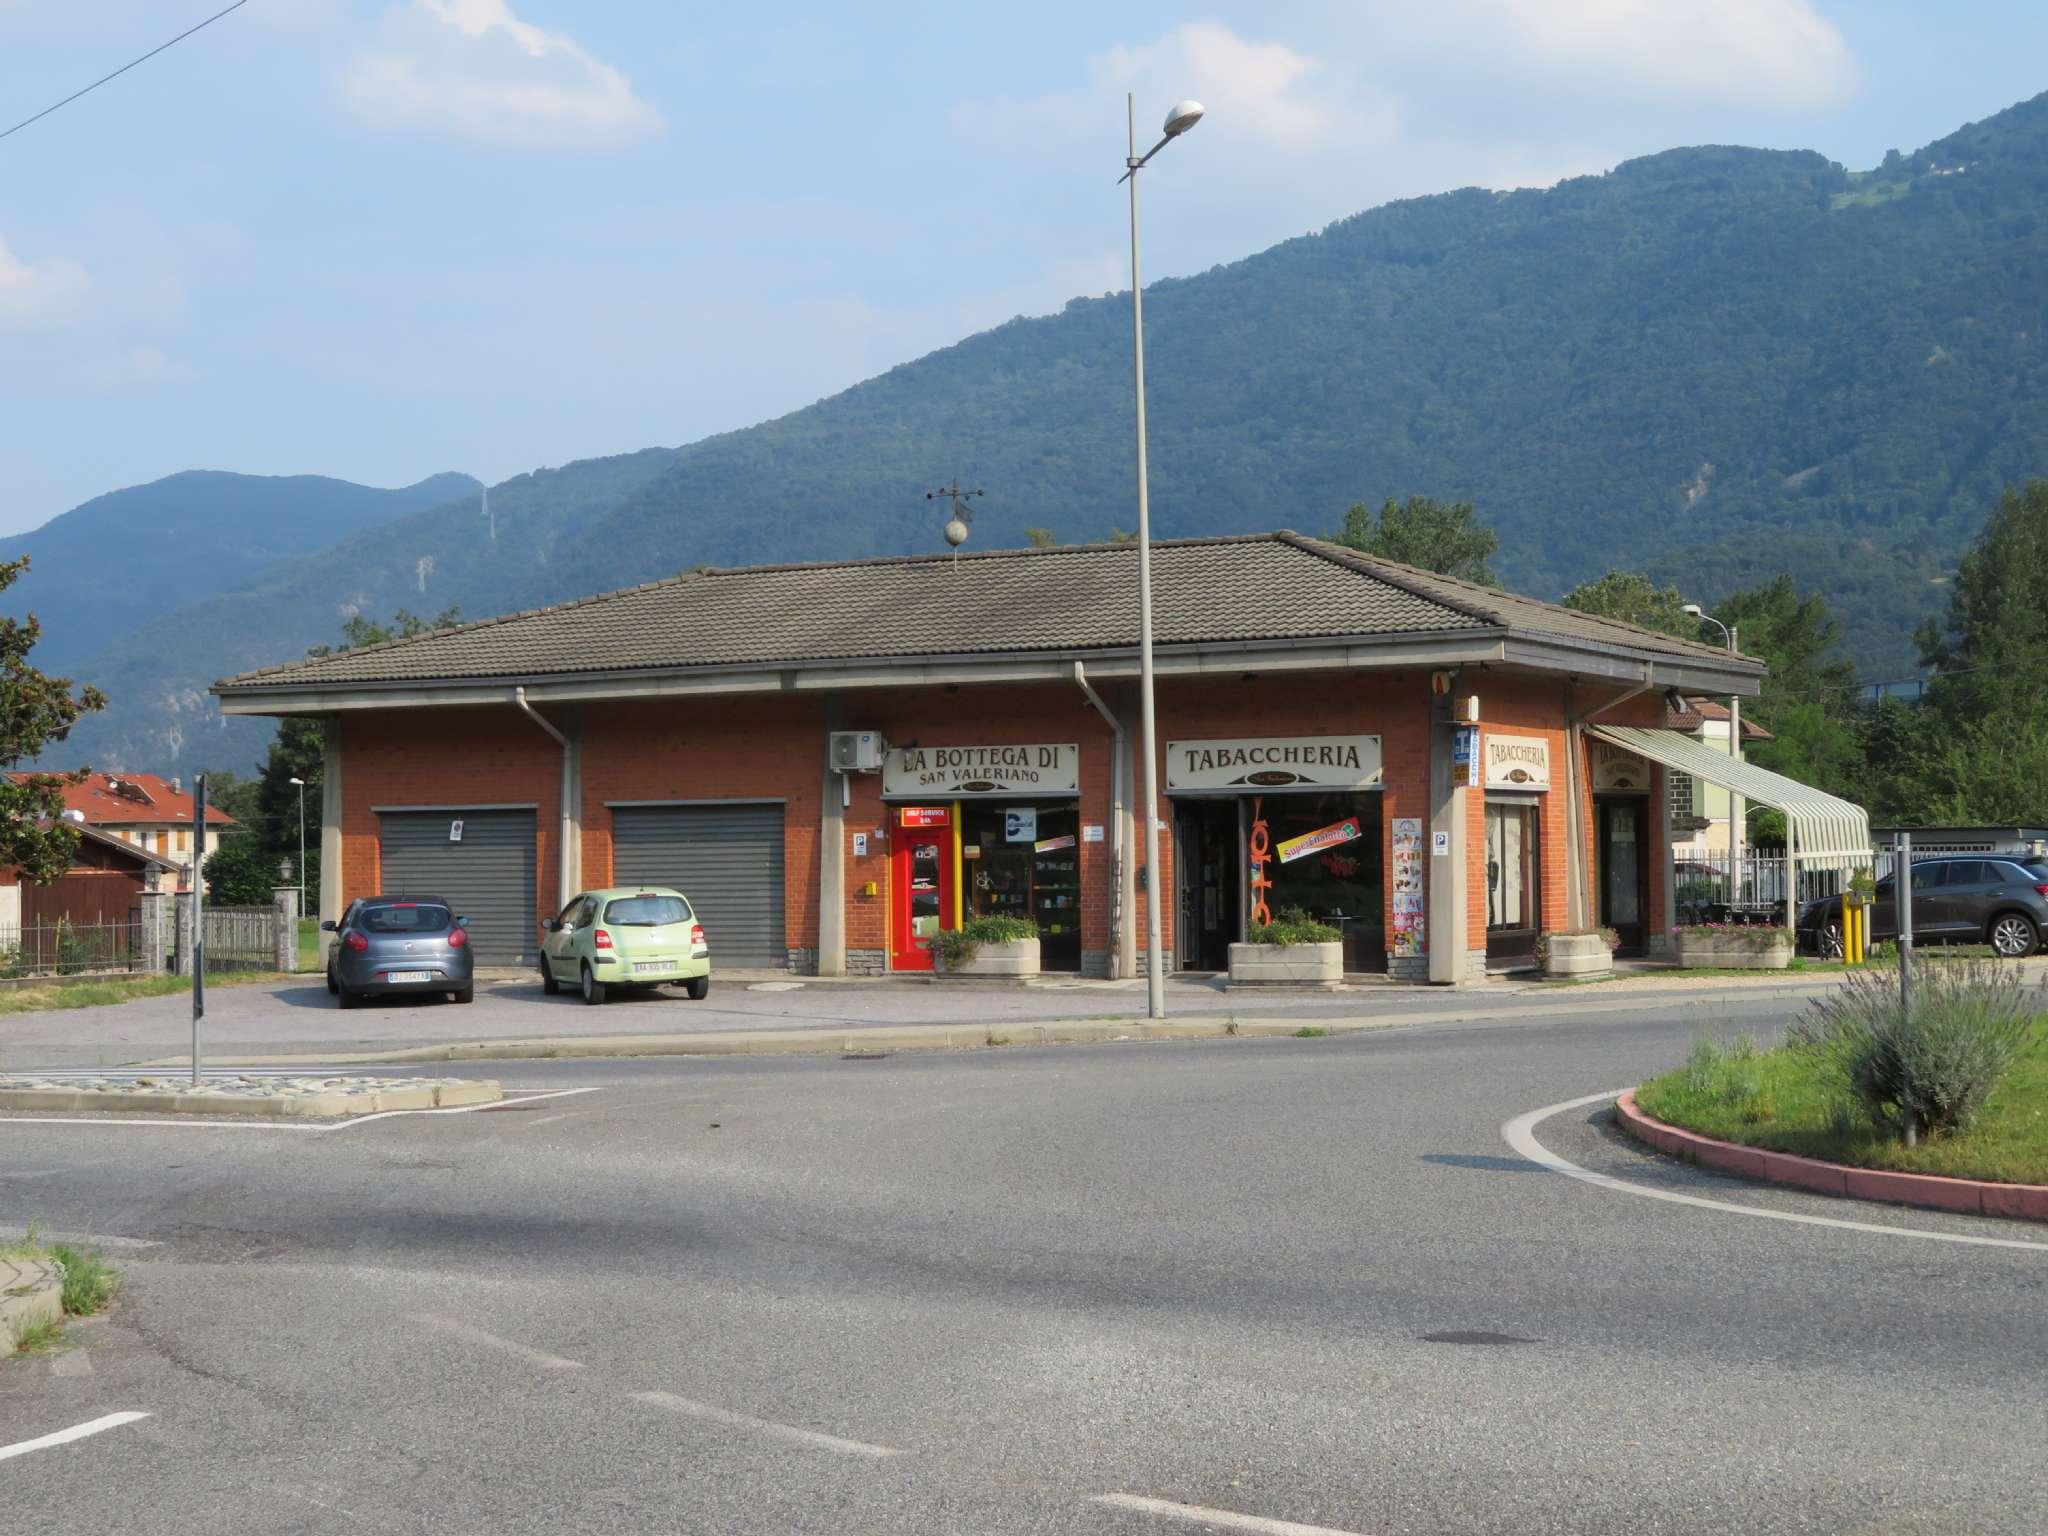 Tabacchi / Ricevitoria in vendita a Borgone Susa, 2 locali, Trattative riservate   PortaleAgenzieImmobiliari.it